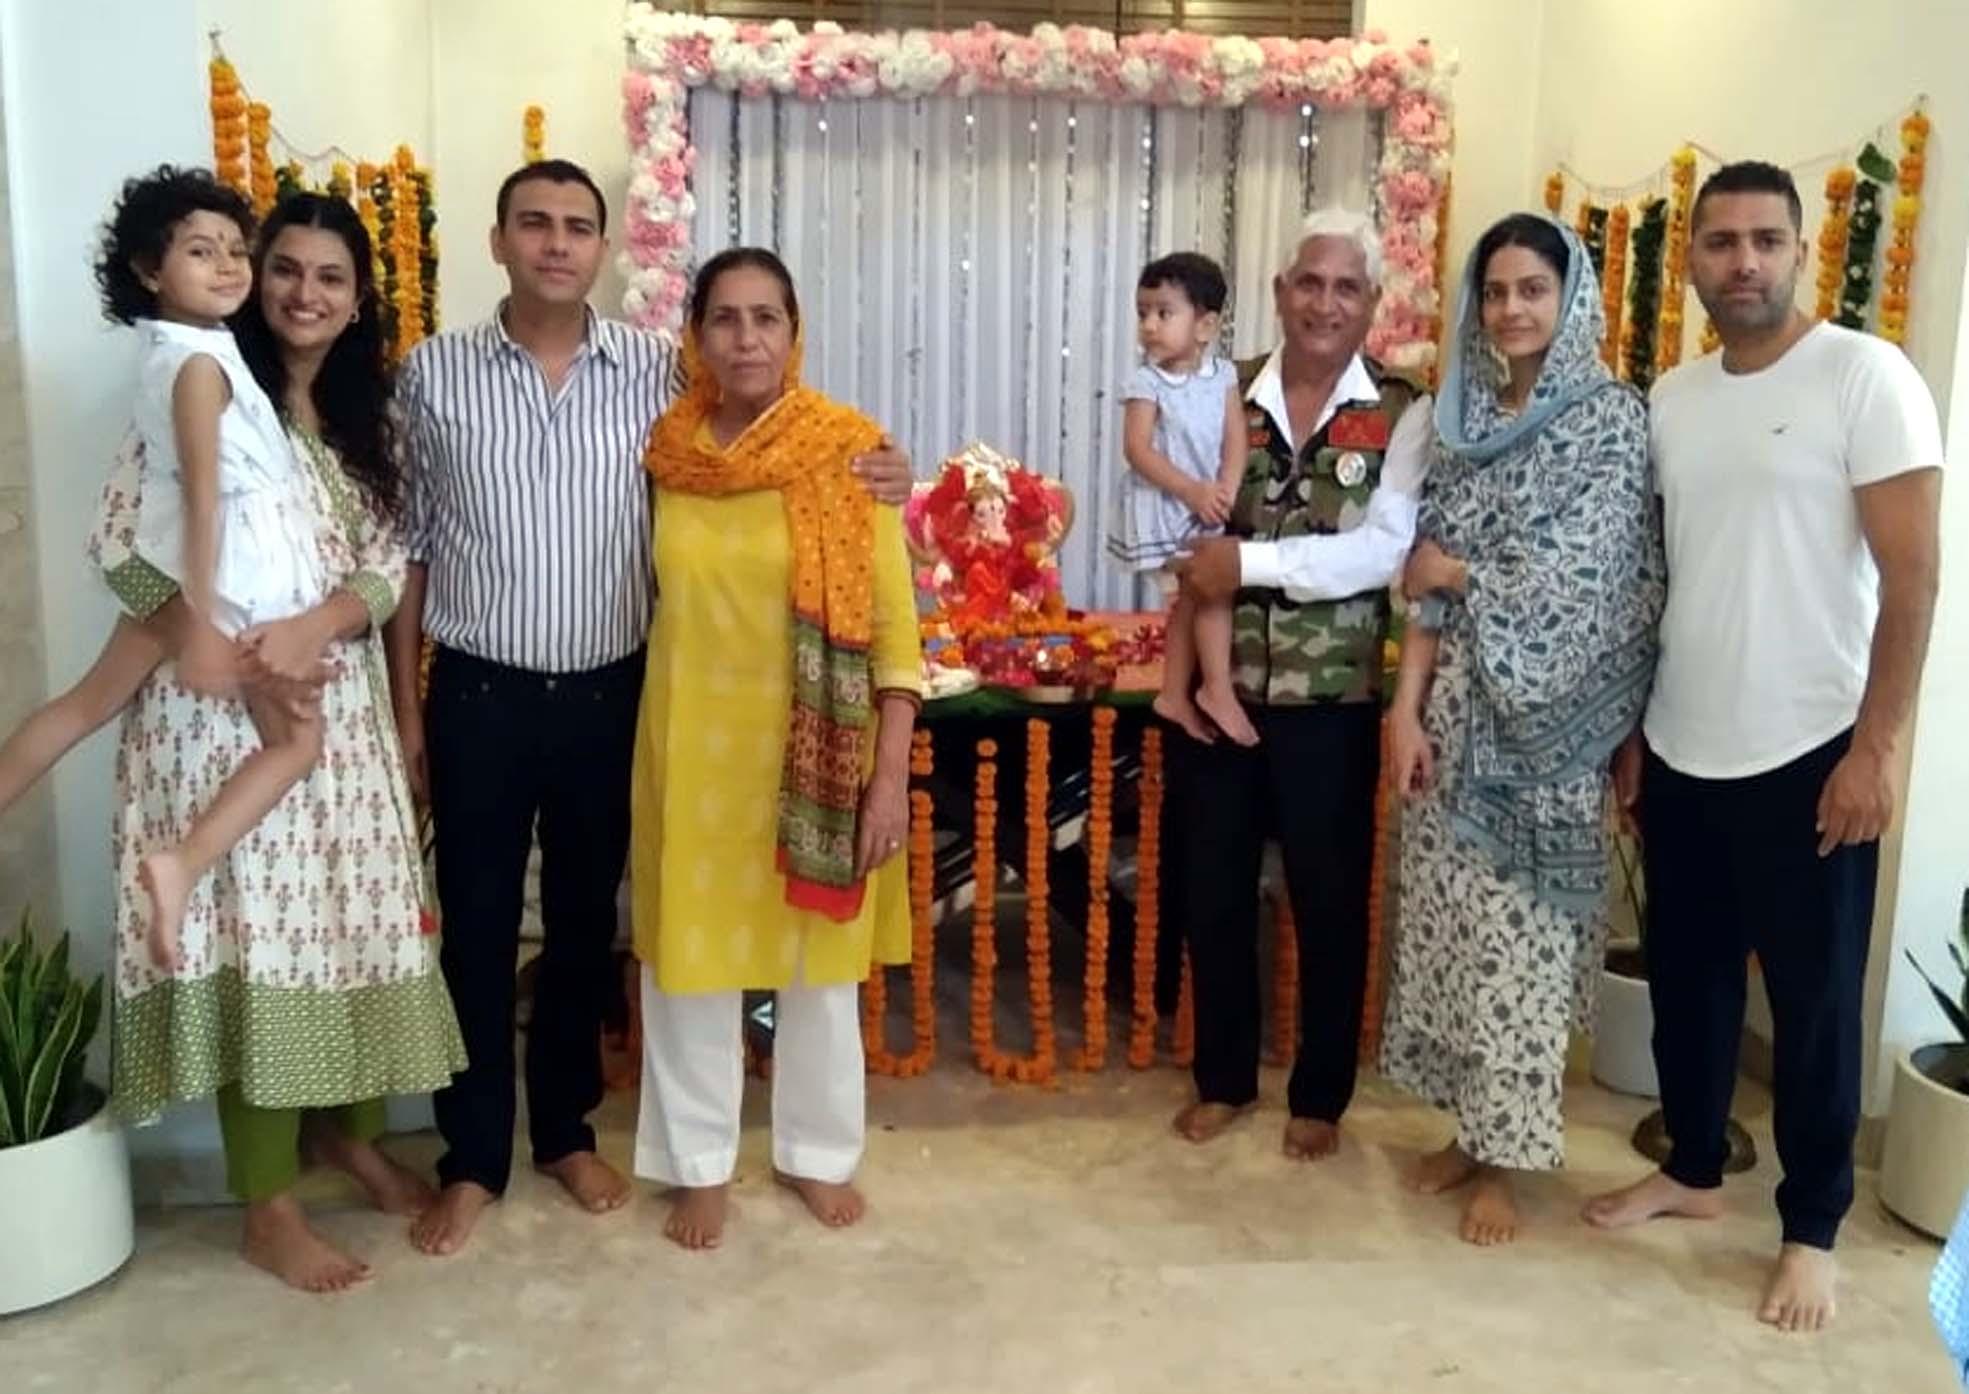 पूर्व मिस इंडिया सियाली भगत ने परिवार के साथ मनाया गणेशोत्सव, महाराष्ट्र के त्योहार को अपना रहे हरियाणा के लोग|गुड़गांव,Gurgaon - Dainik Bhaskar